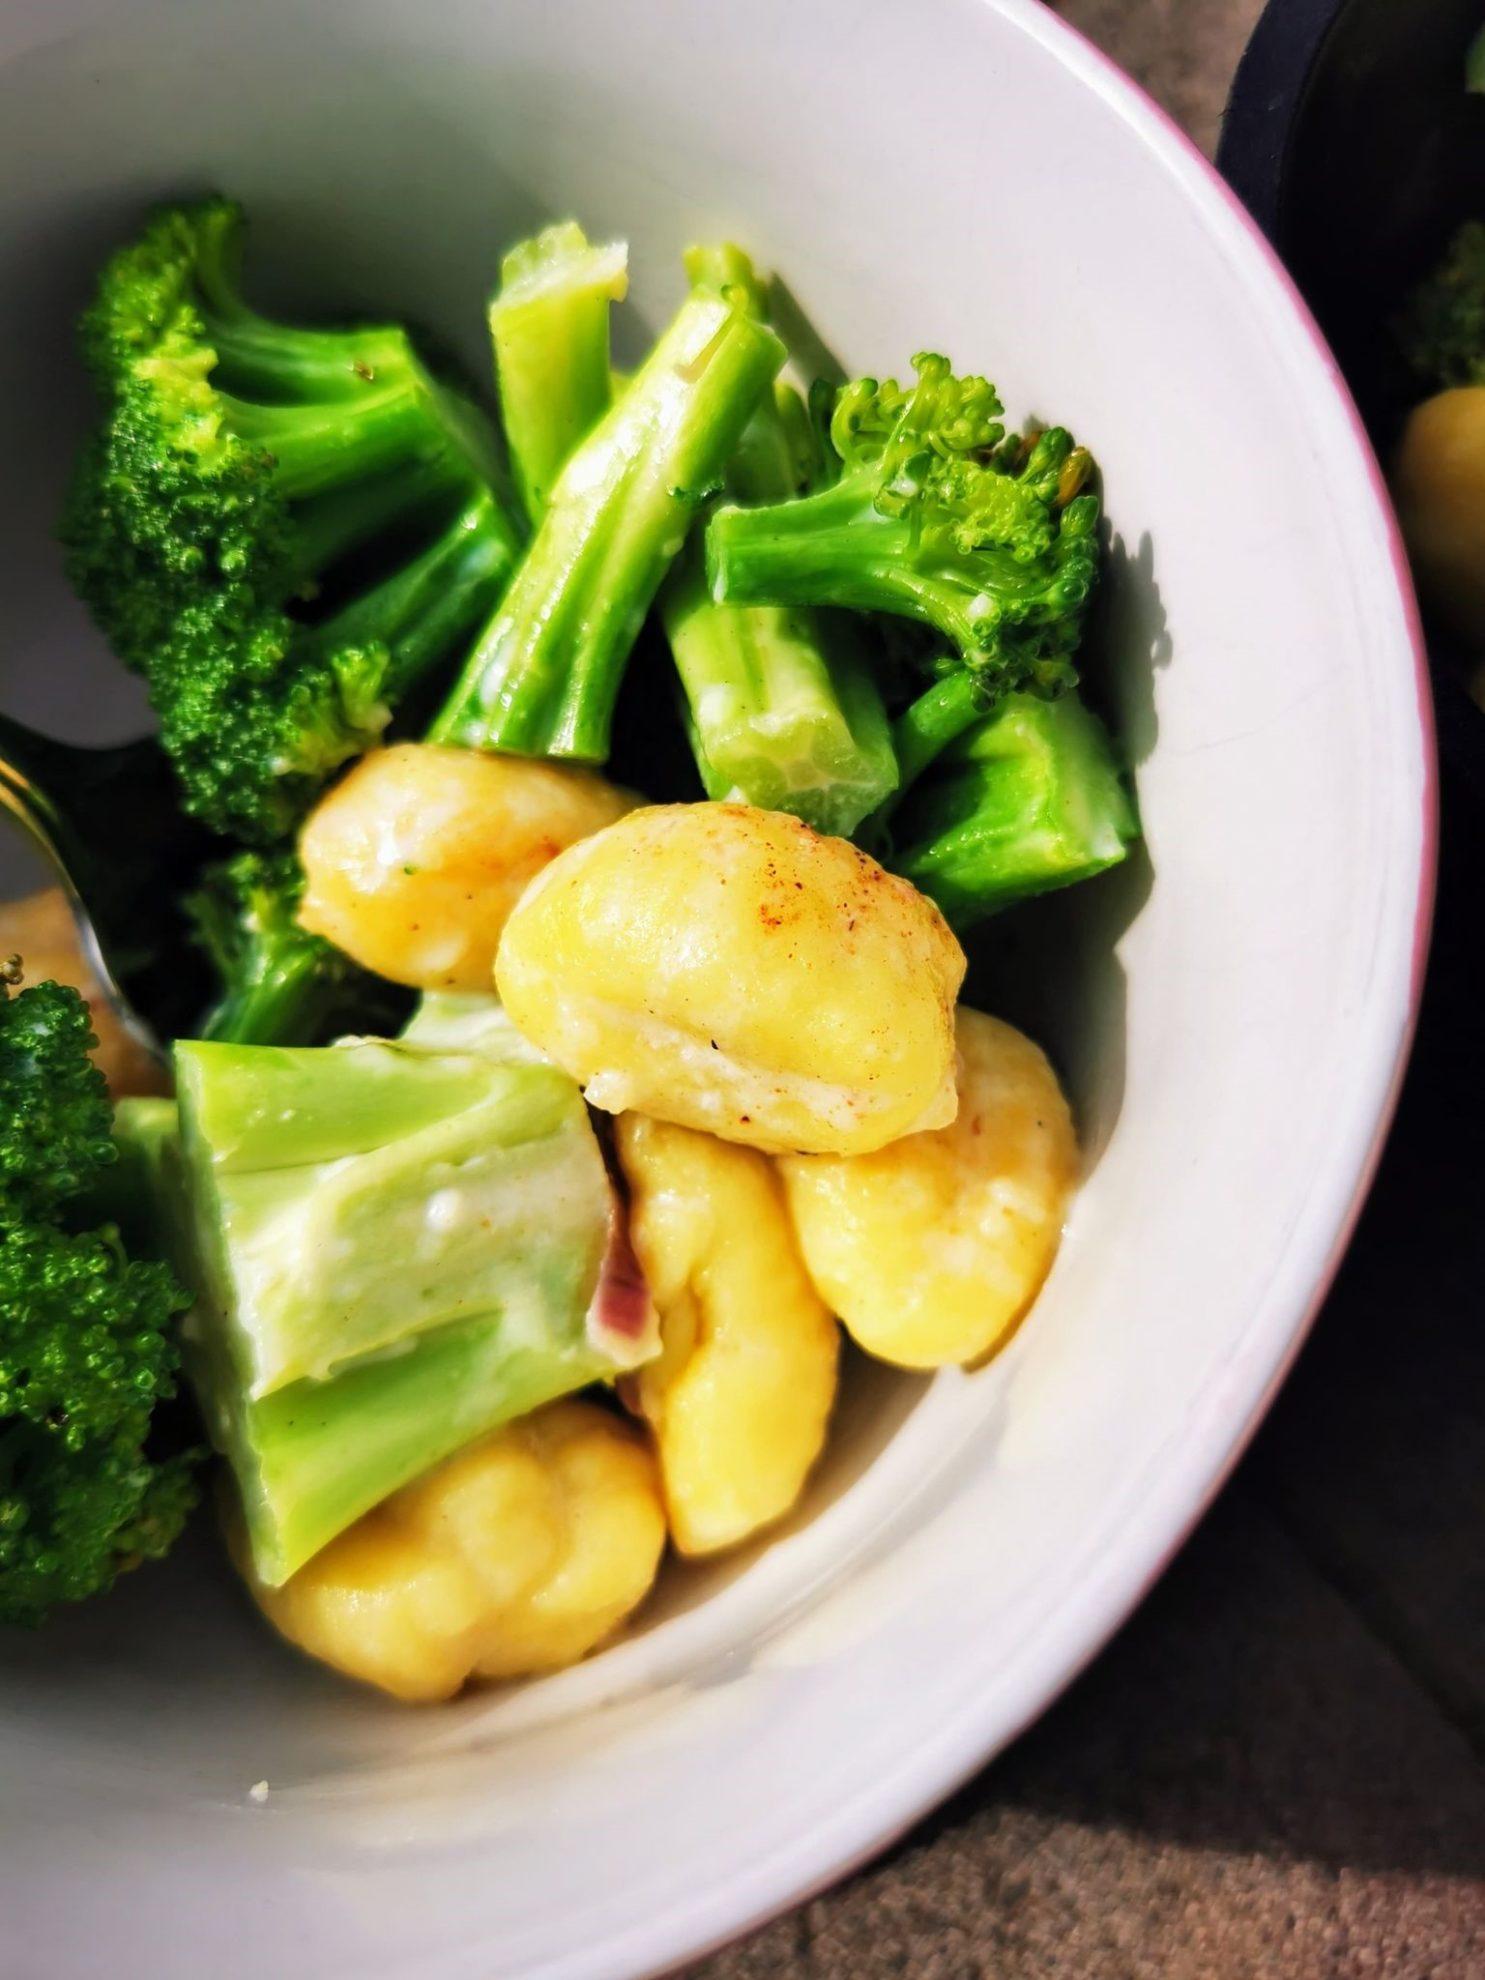 Brokkoli mit Gnocchi und Soße - ein tolles vegetarisches Gericht